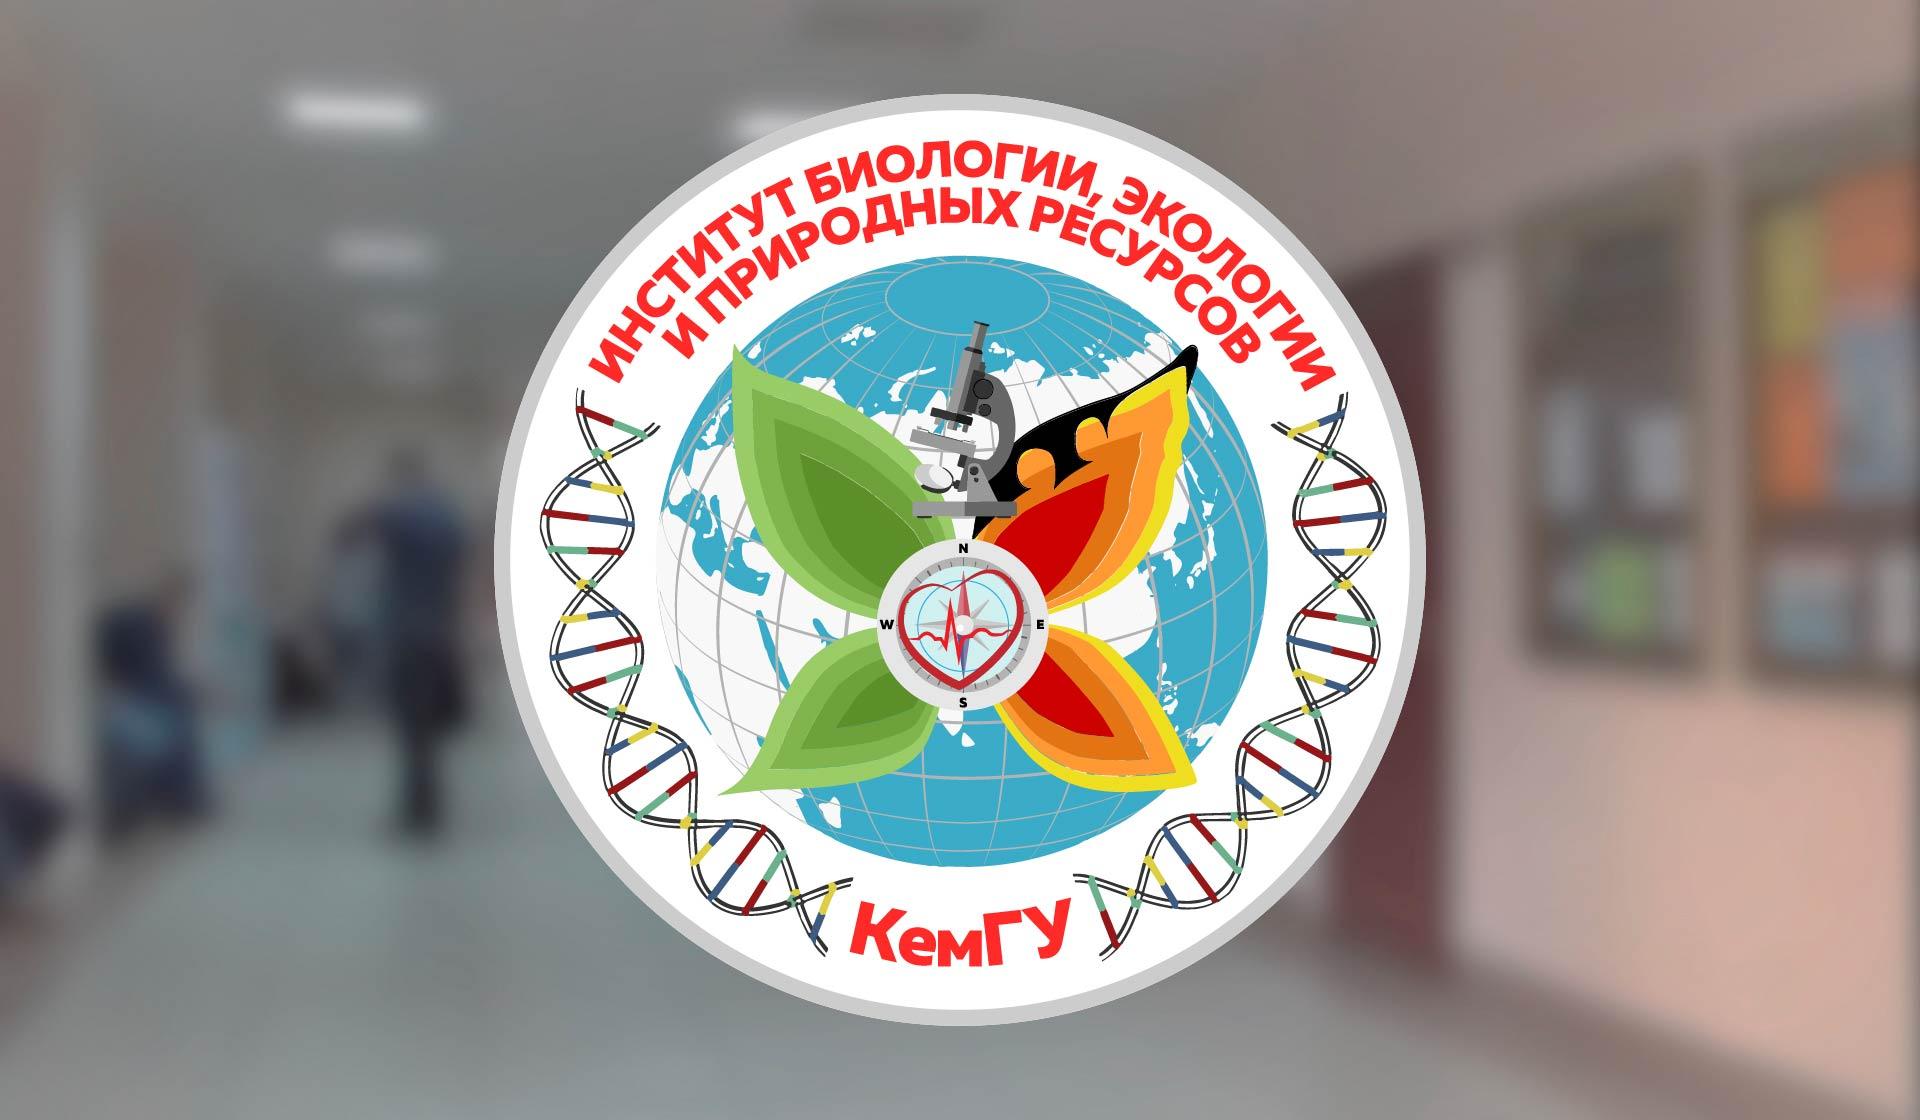 Институт биологии, экологии и природных ресурсов КемГУ